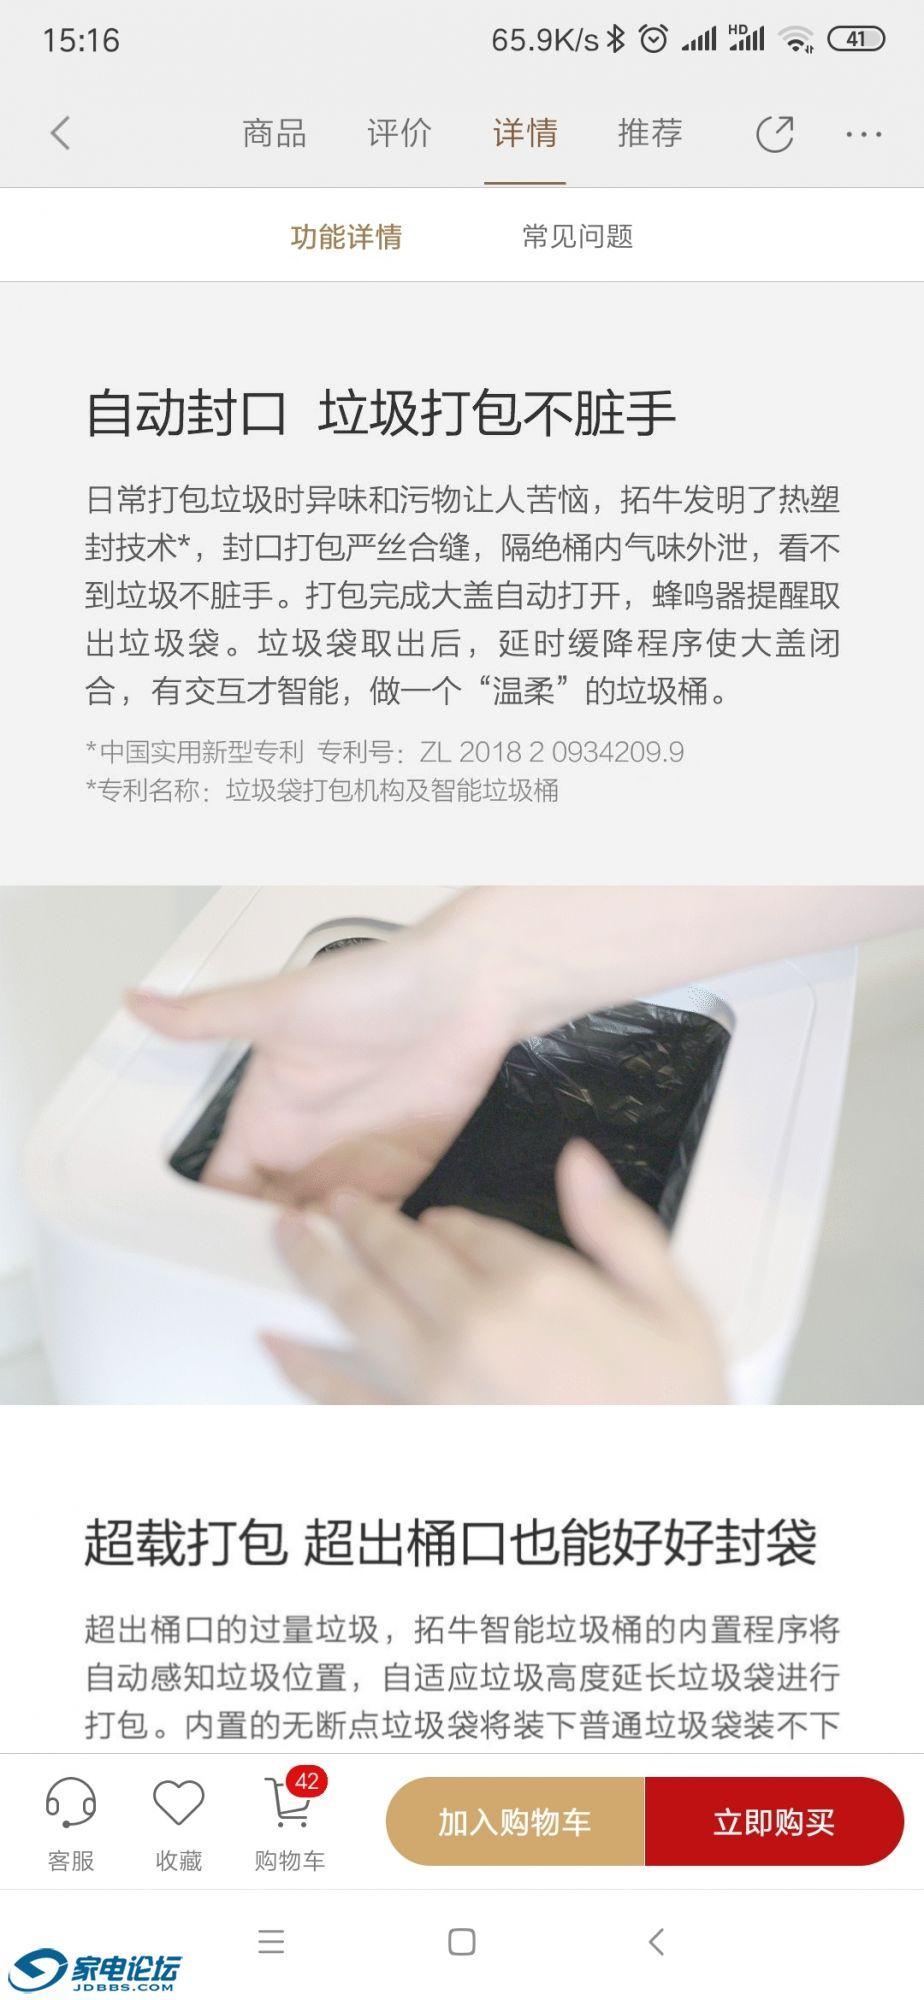 Screenshot_2019-10-18-15-16-13-493_com.xiaomi.smarthome.jpg